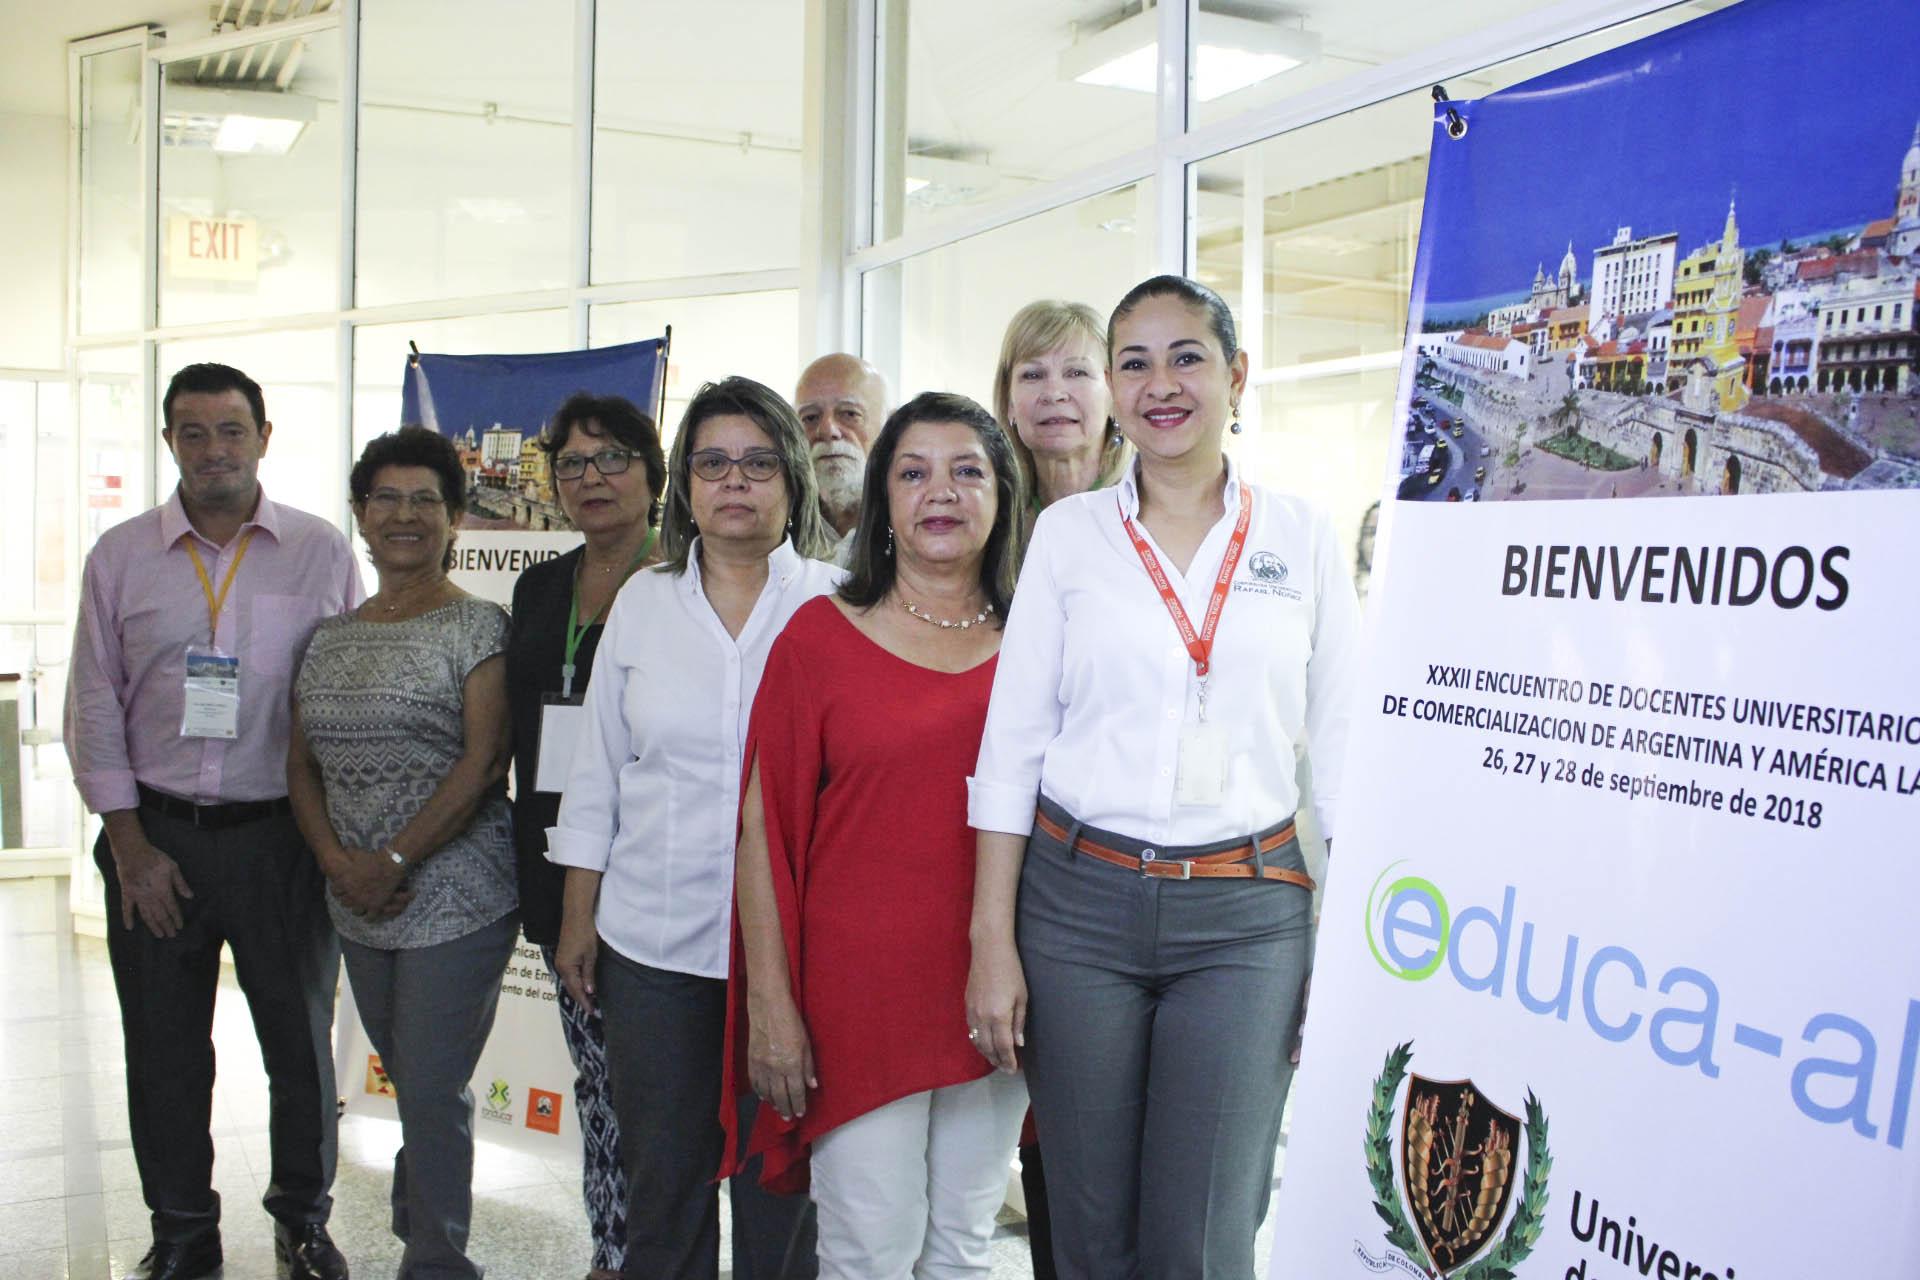 Cartagena, sede del XXXII Encuentro de docentes universitarios de comercialización Educa-al